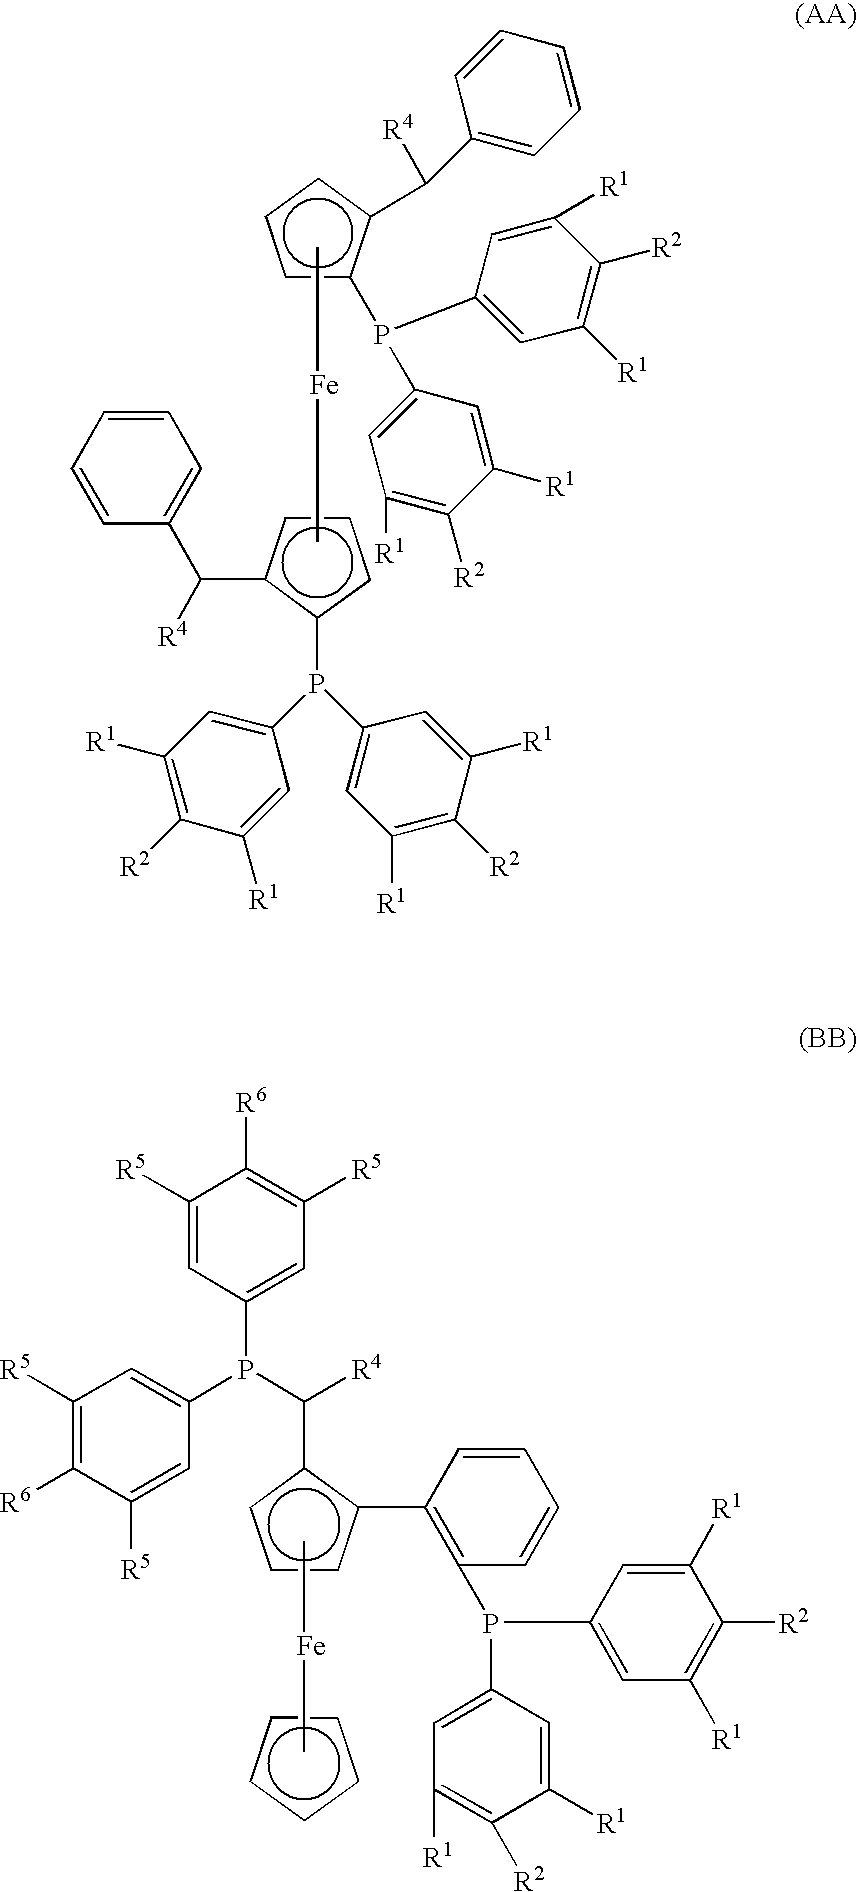 Figure US20100173892A1-20100708-C00021